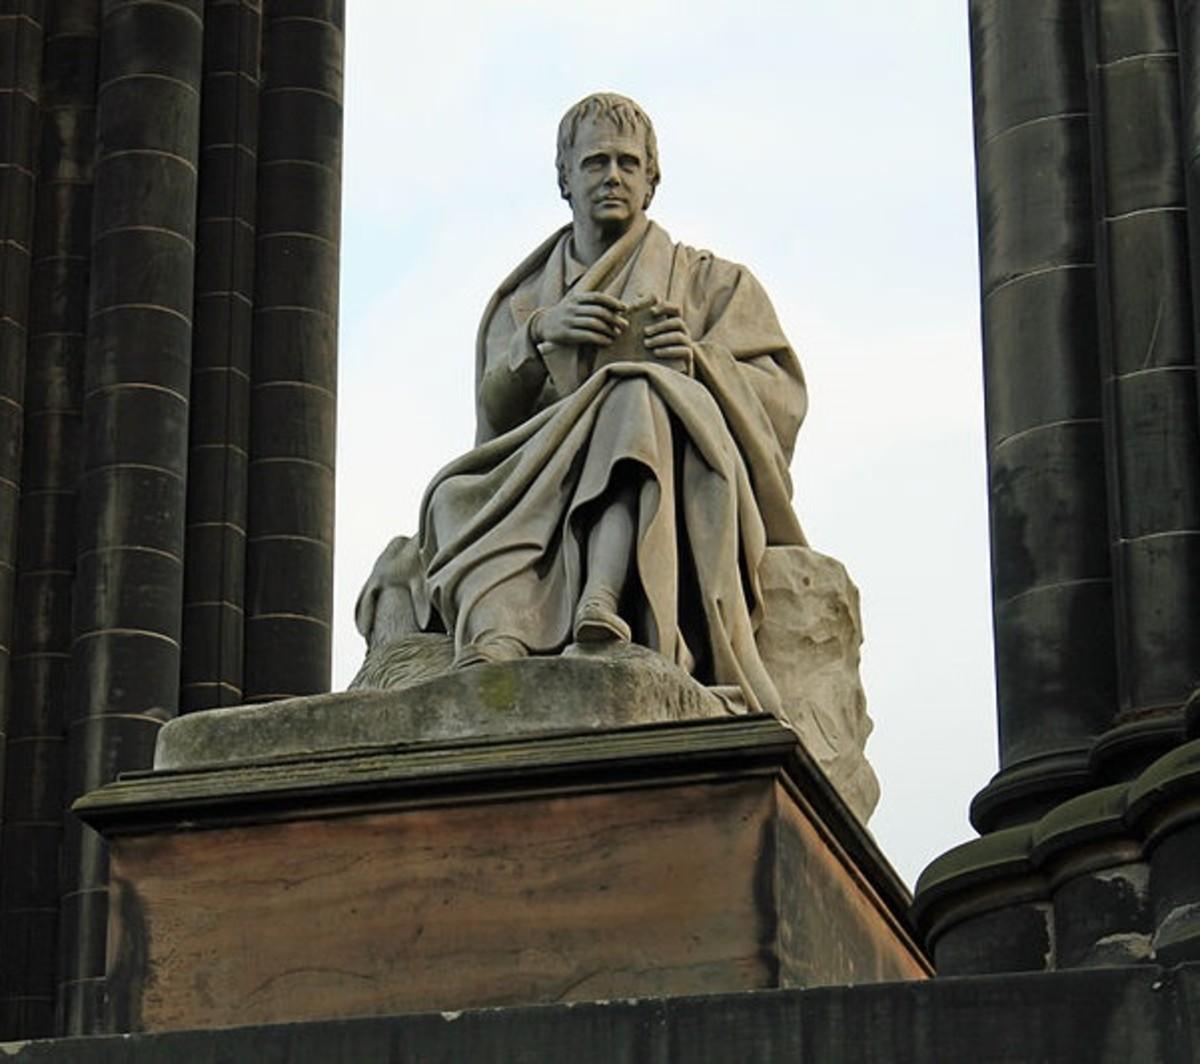 Monument to Sir Walter Scott in Edinburgh, Scotland.